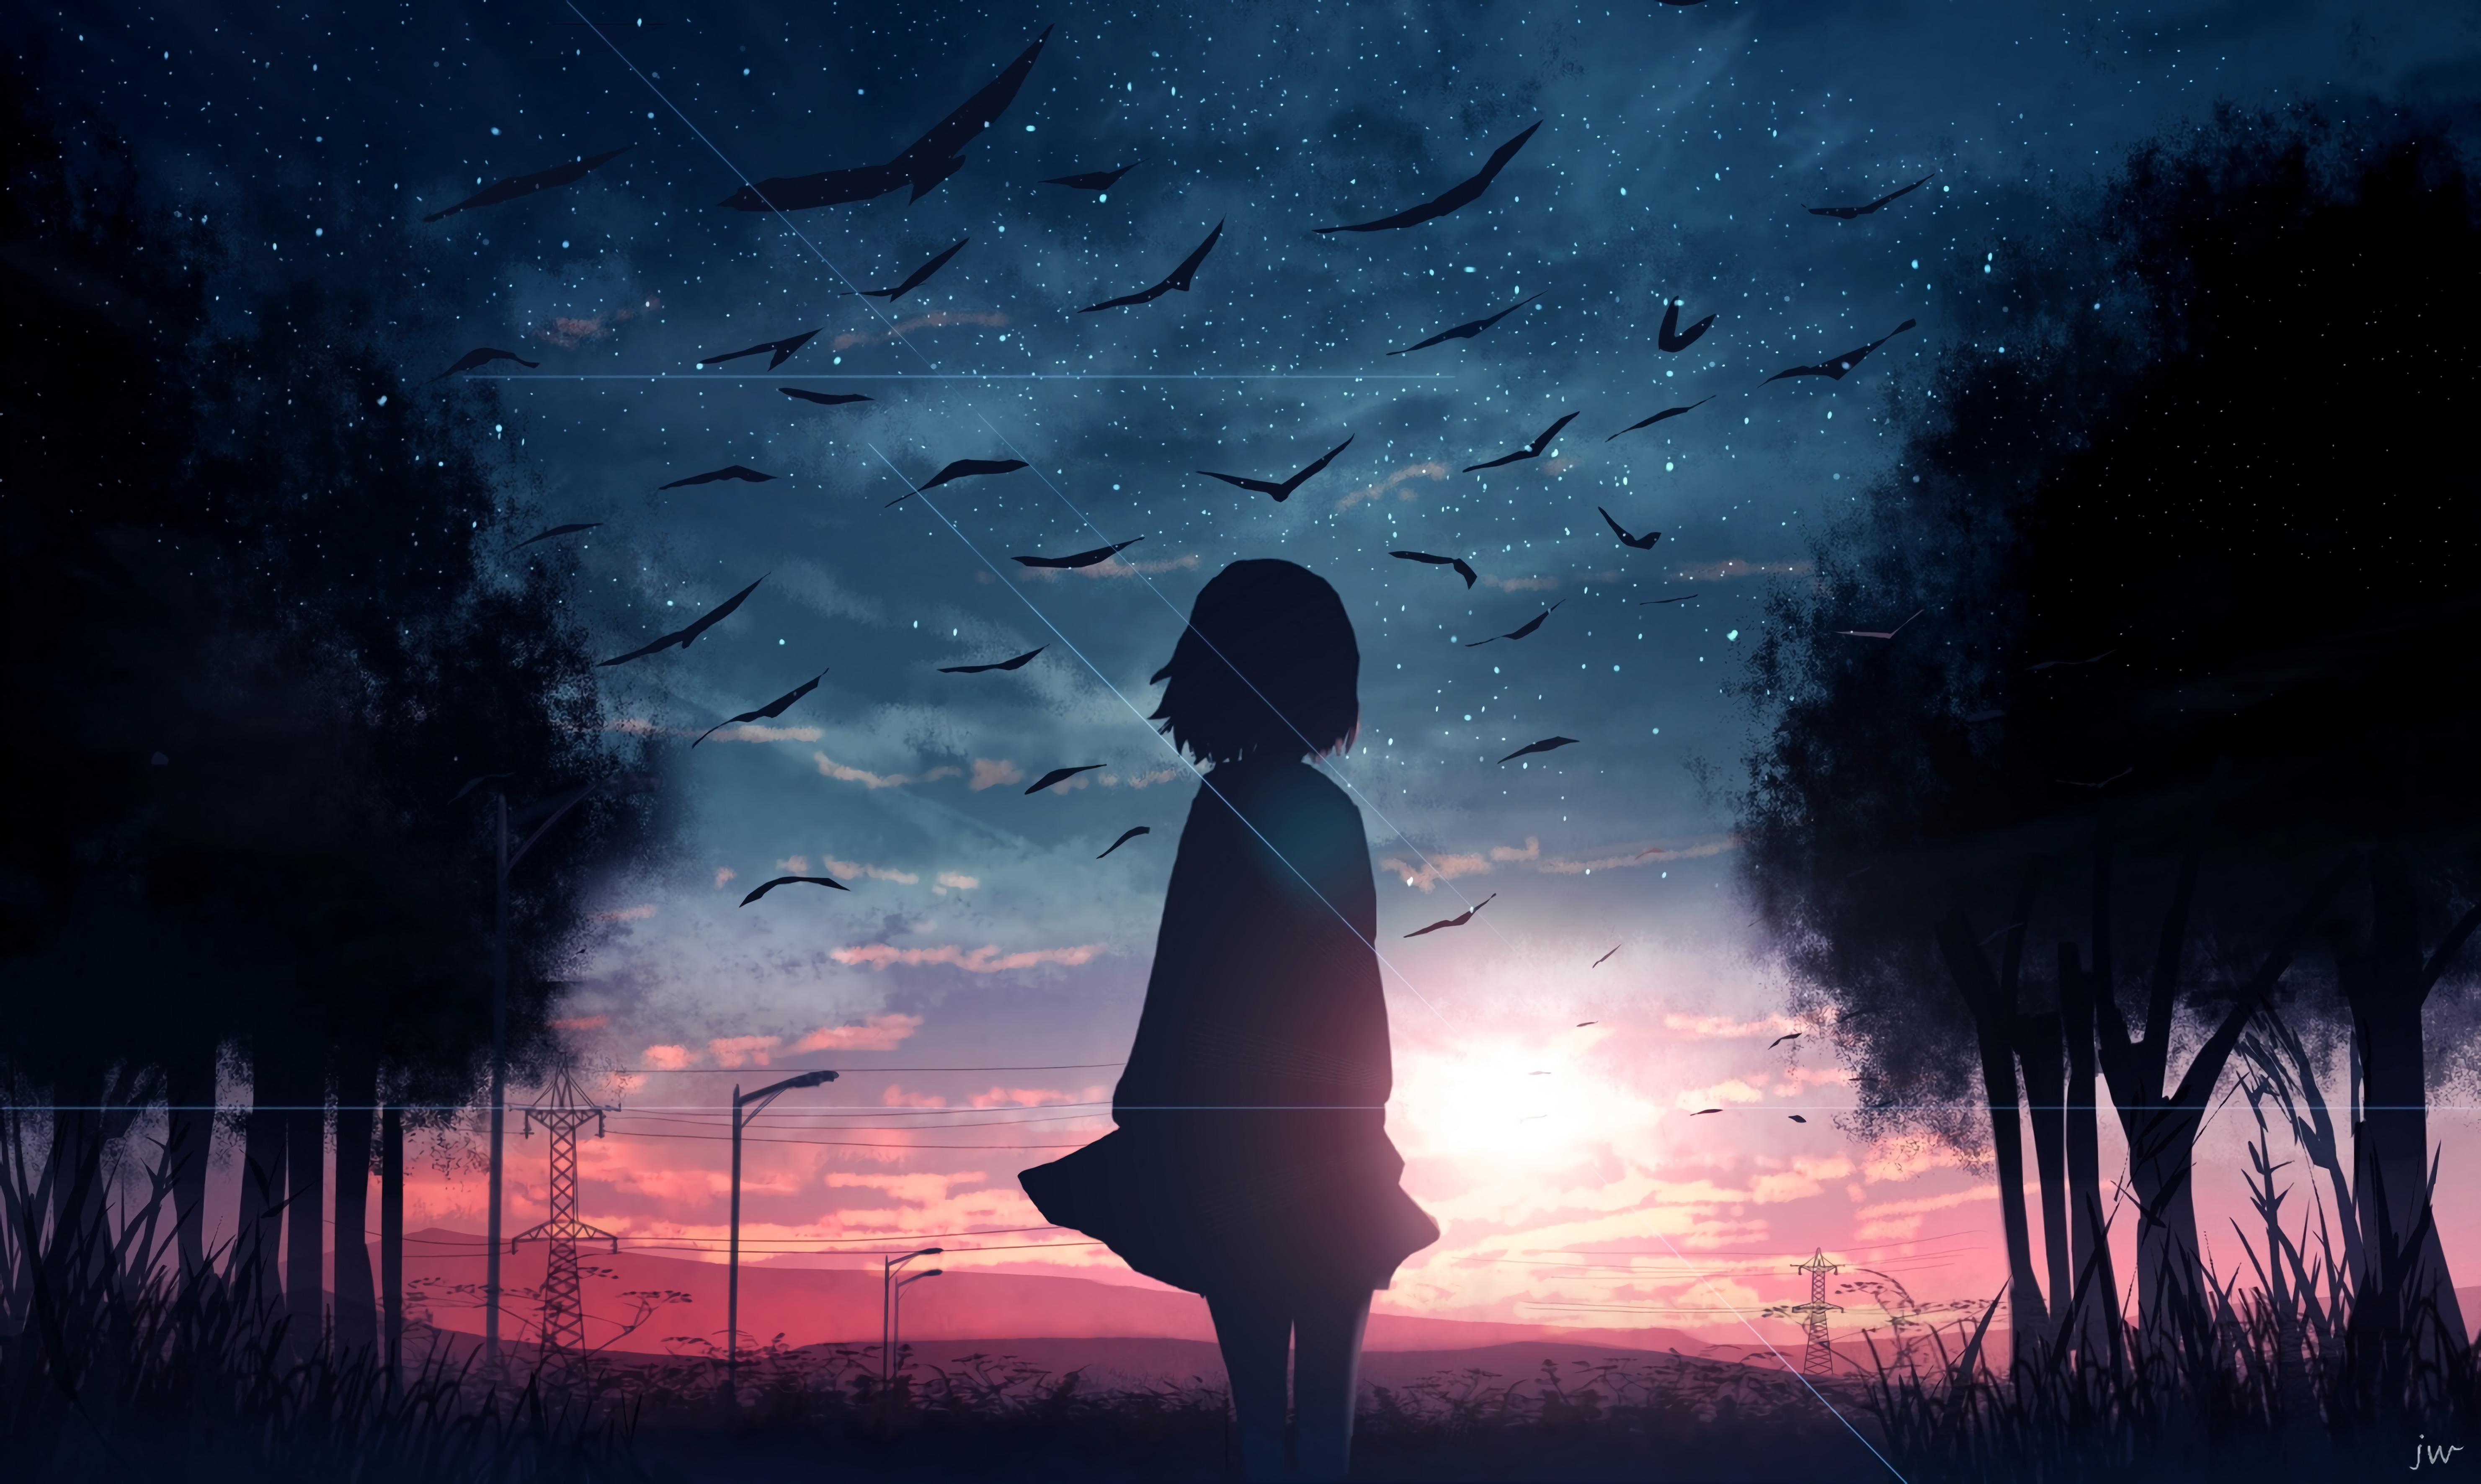 82524 Hintergrundbild herunterladen Vögel, Sunset, Kunst, Silhouette, Dämmerung, Twilight - Bildschirmschoner und Bilder kostenlos